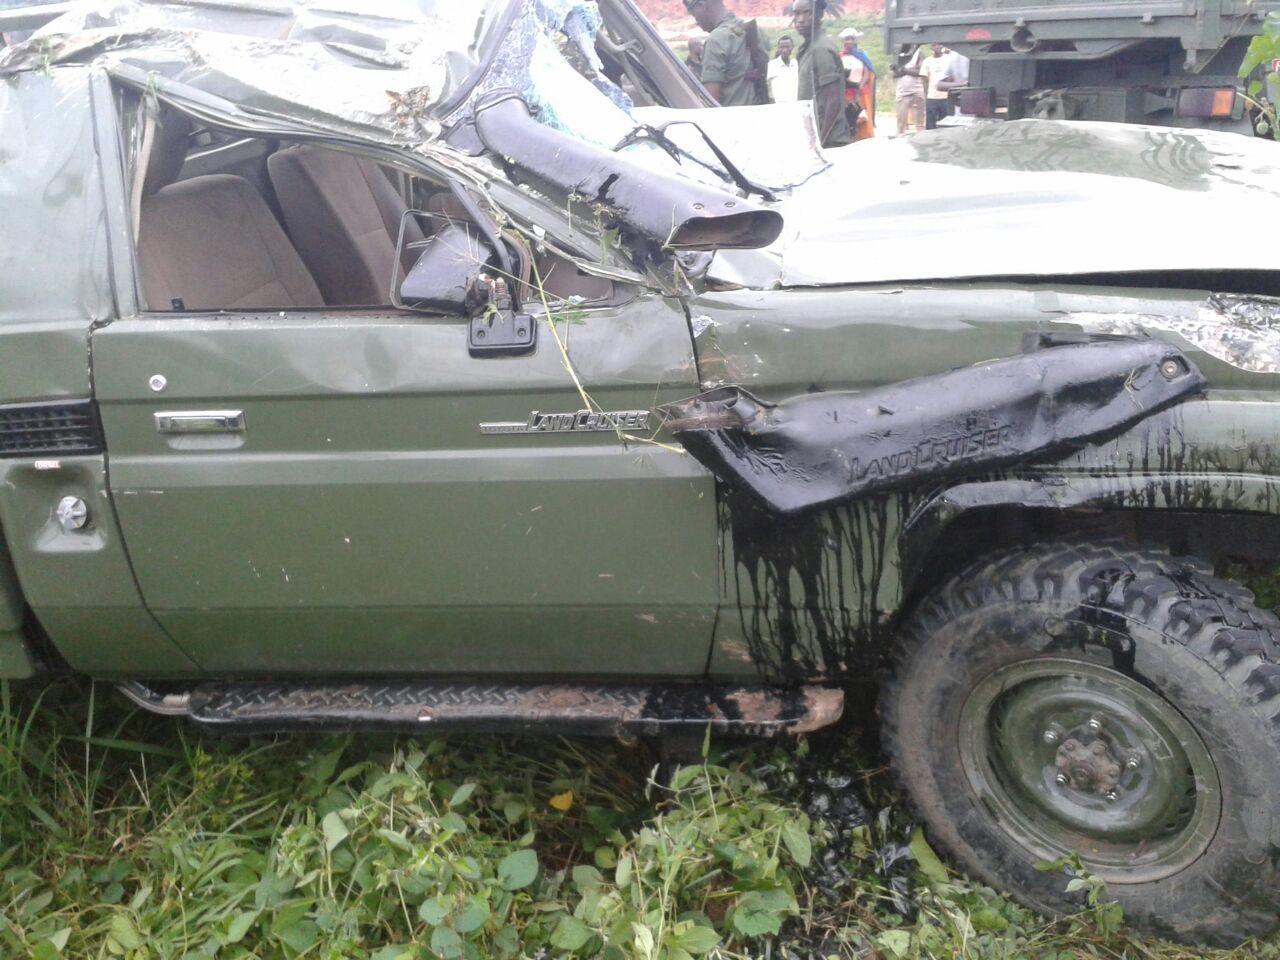 Des témoins affirment que ce pick-up s'est renversé suite à un excès de vitesse